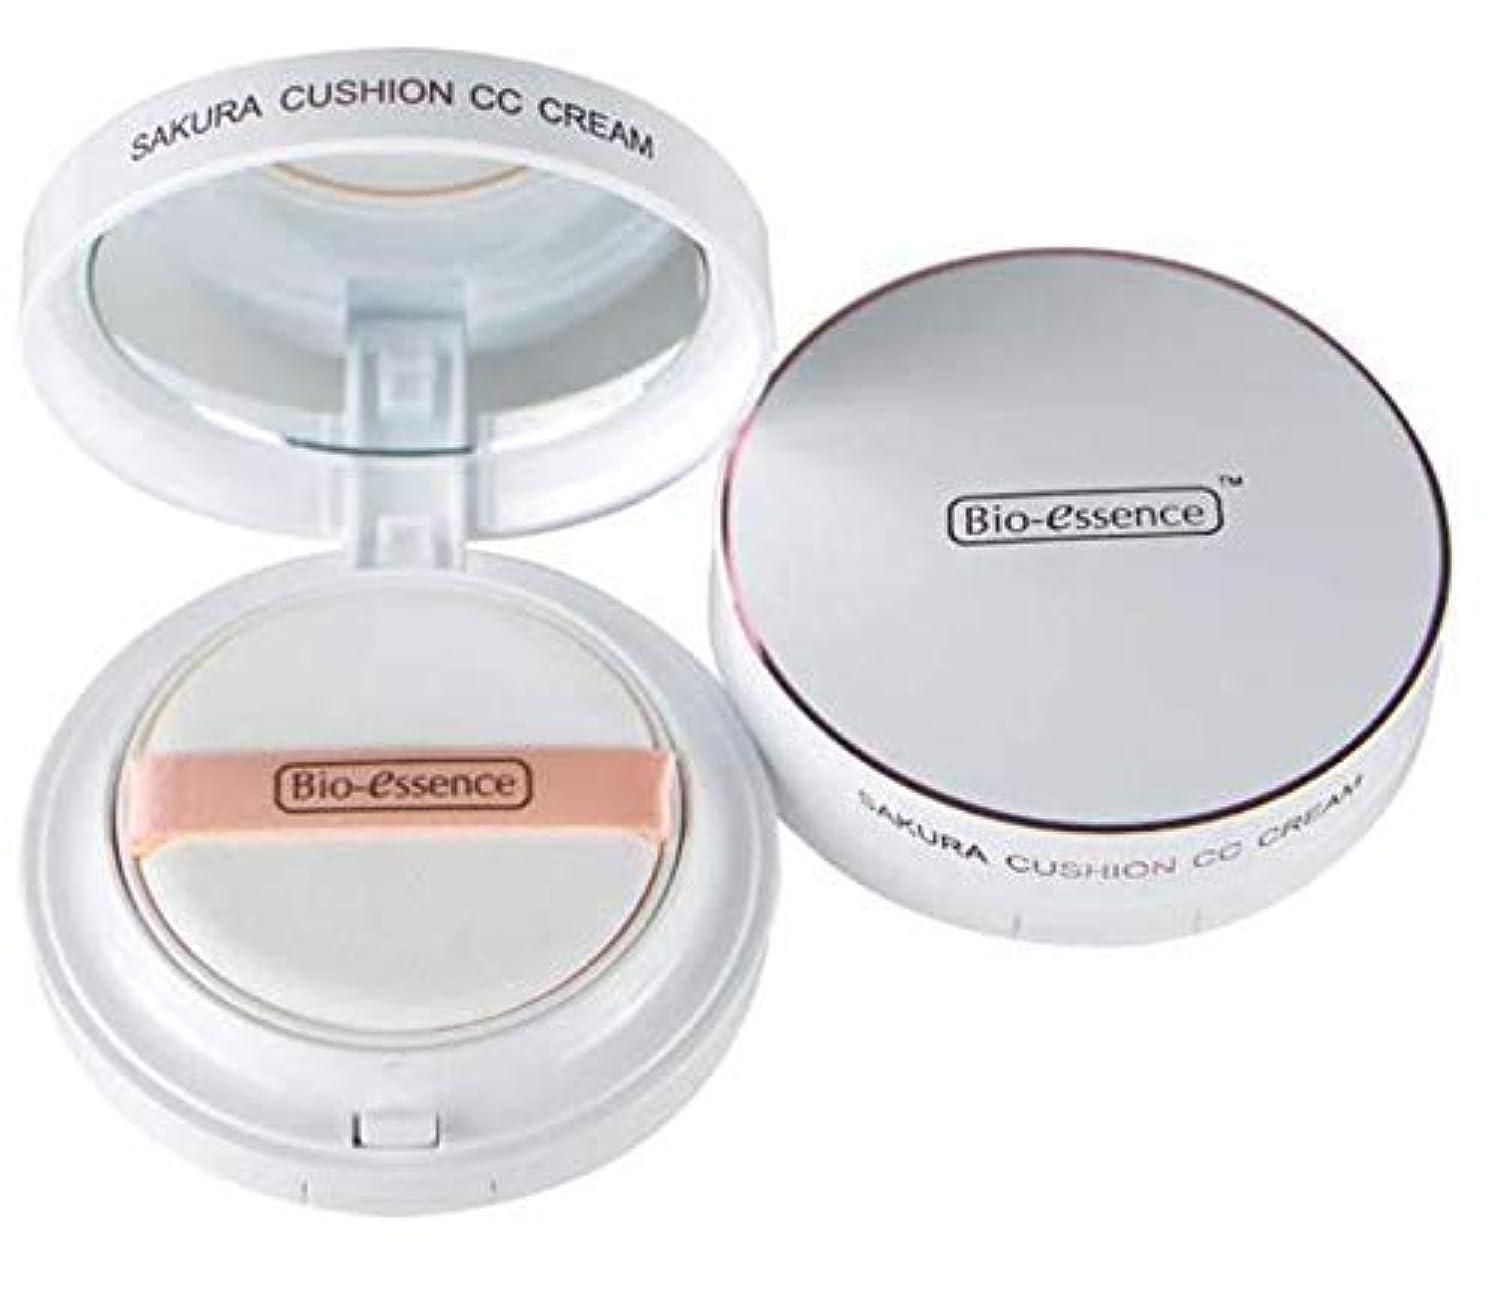 広々連結する持っているBio-Essence チェリークッションCCクリーム15グラム - くすみを改善し、最小有効開口。外部汚染物質が効果的に紫外線を遮断します。